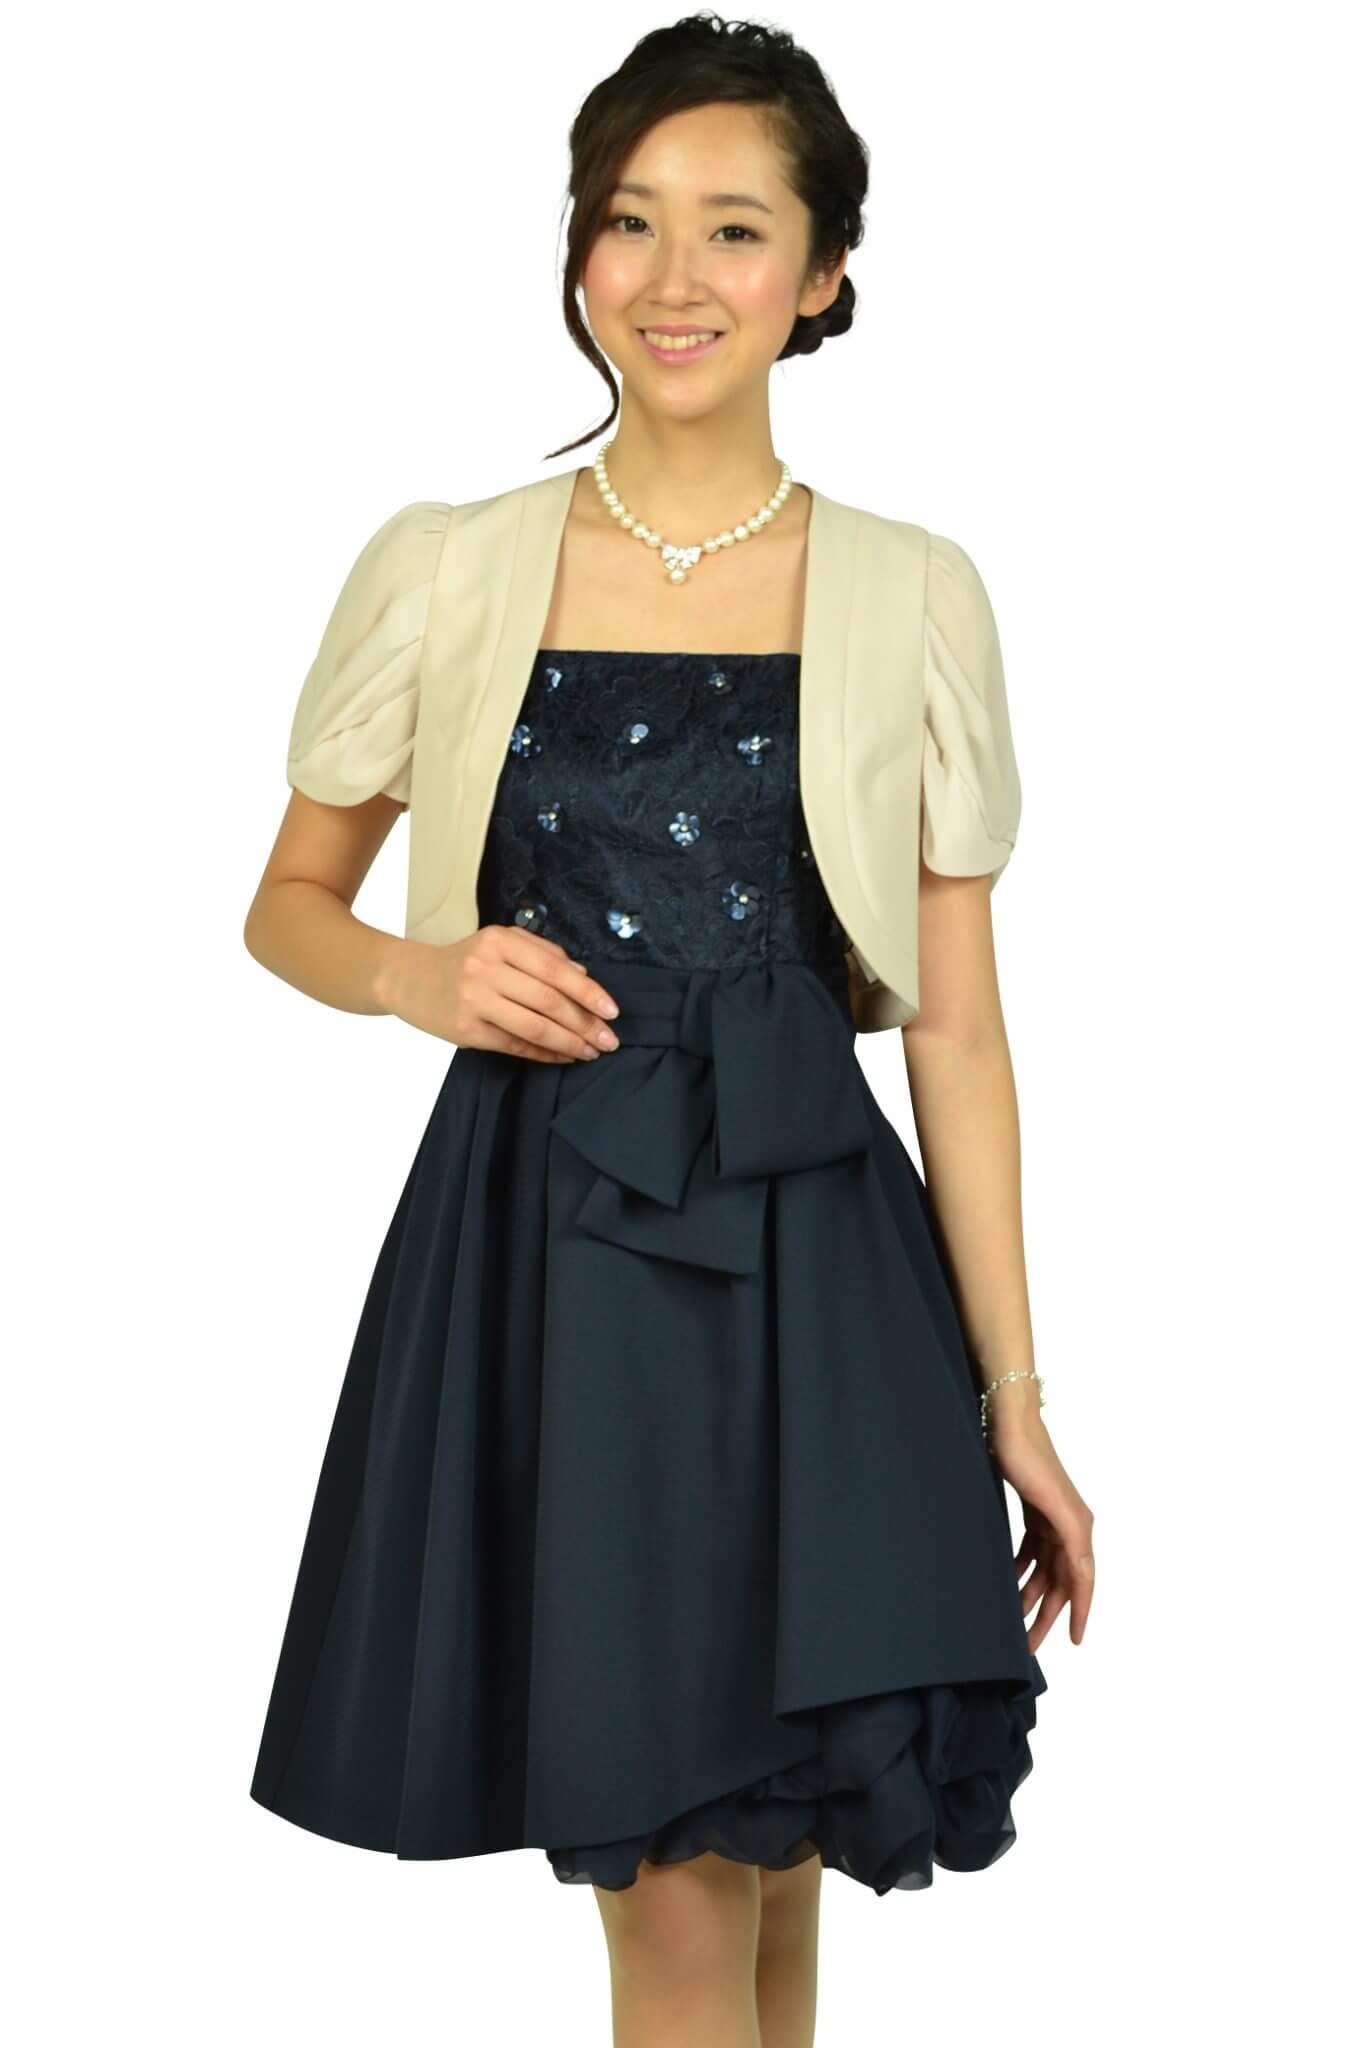 アプワイザー・リッシェ (Apuweiser-riche)フラワー刺繍ネイビードレスセット